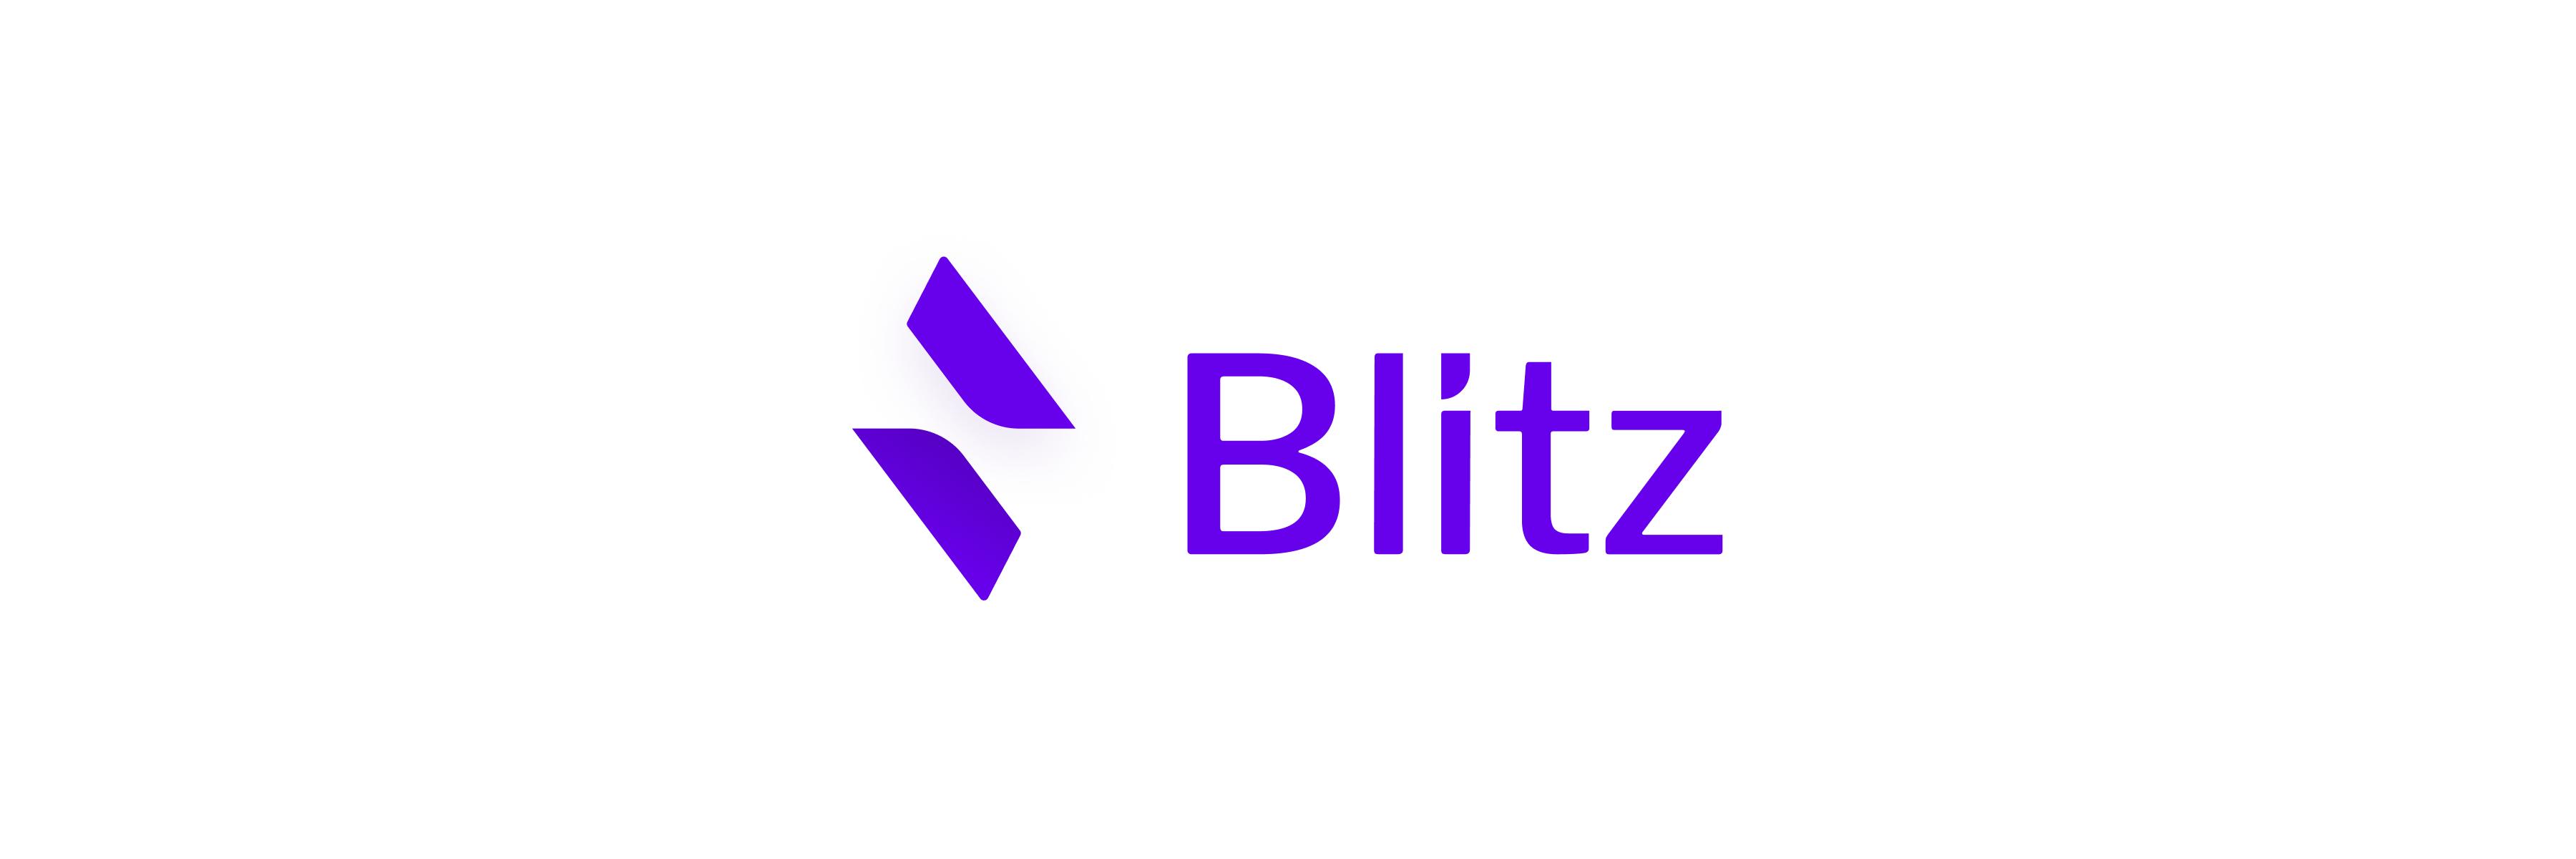 Blitz.js